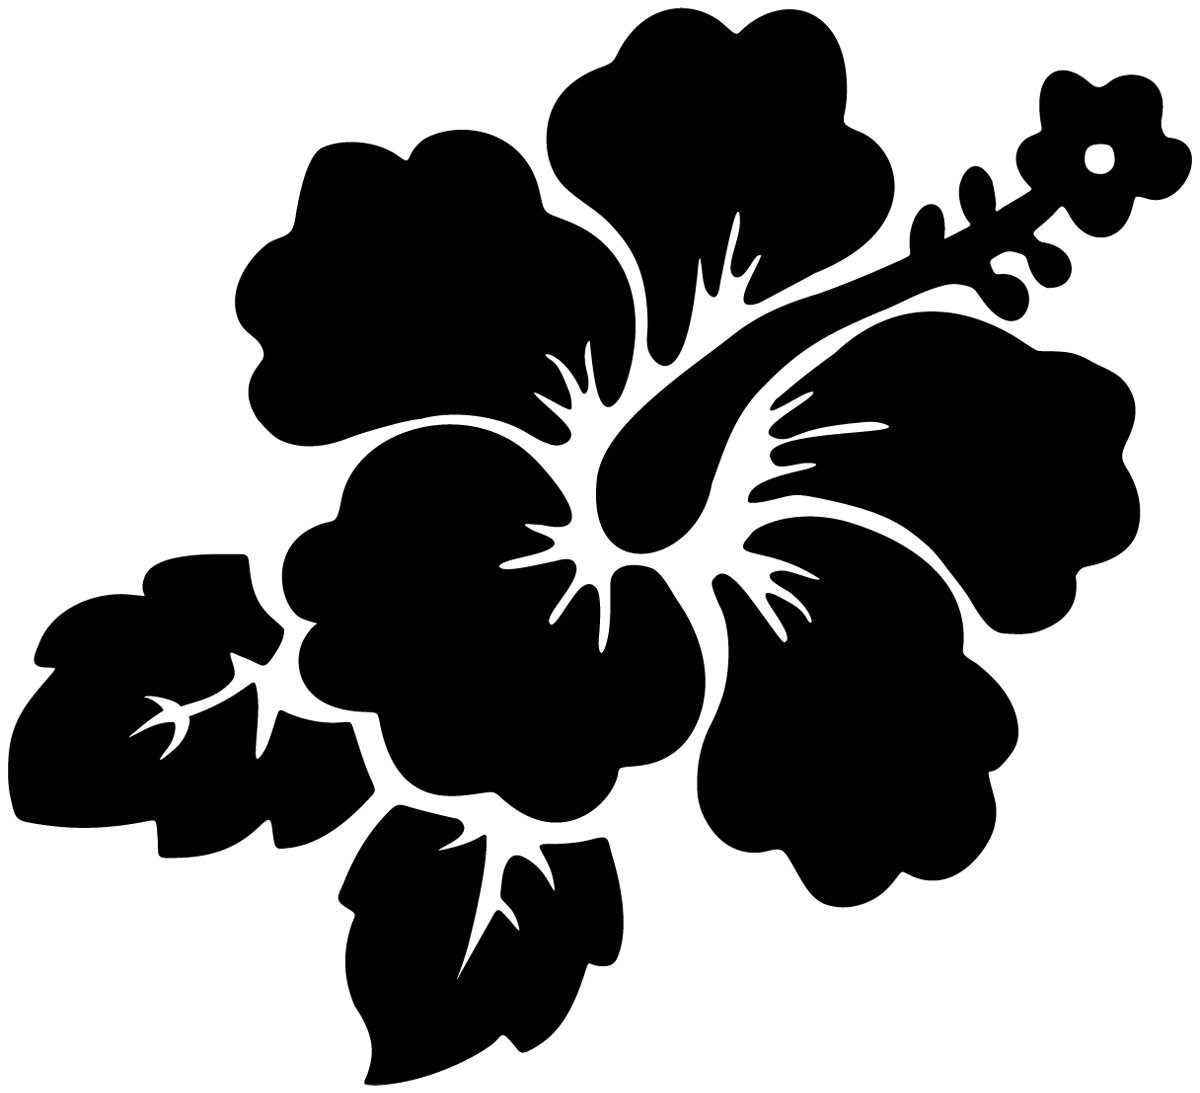 Wandtattoos: Flower Style 03